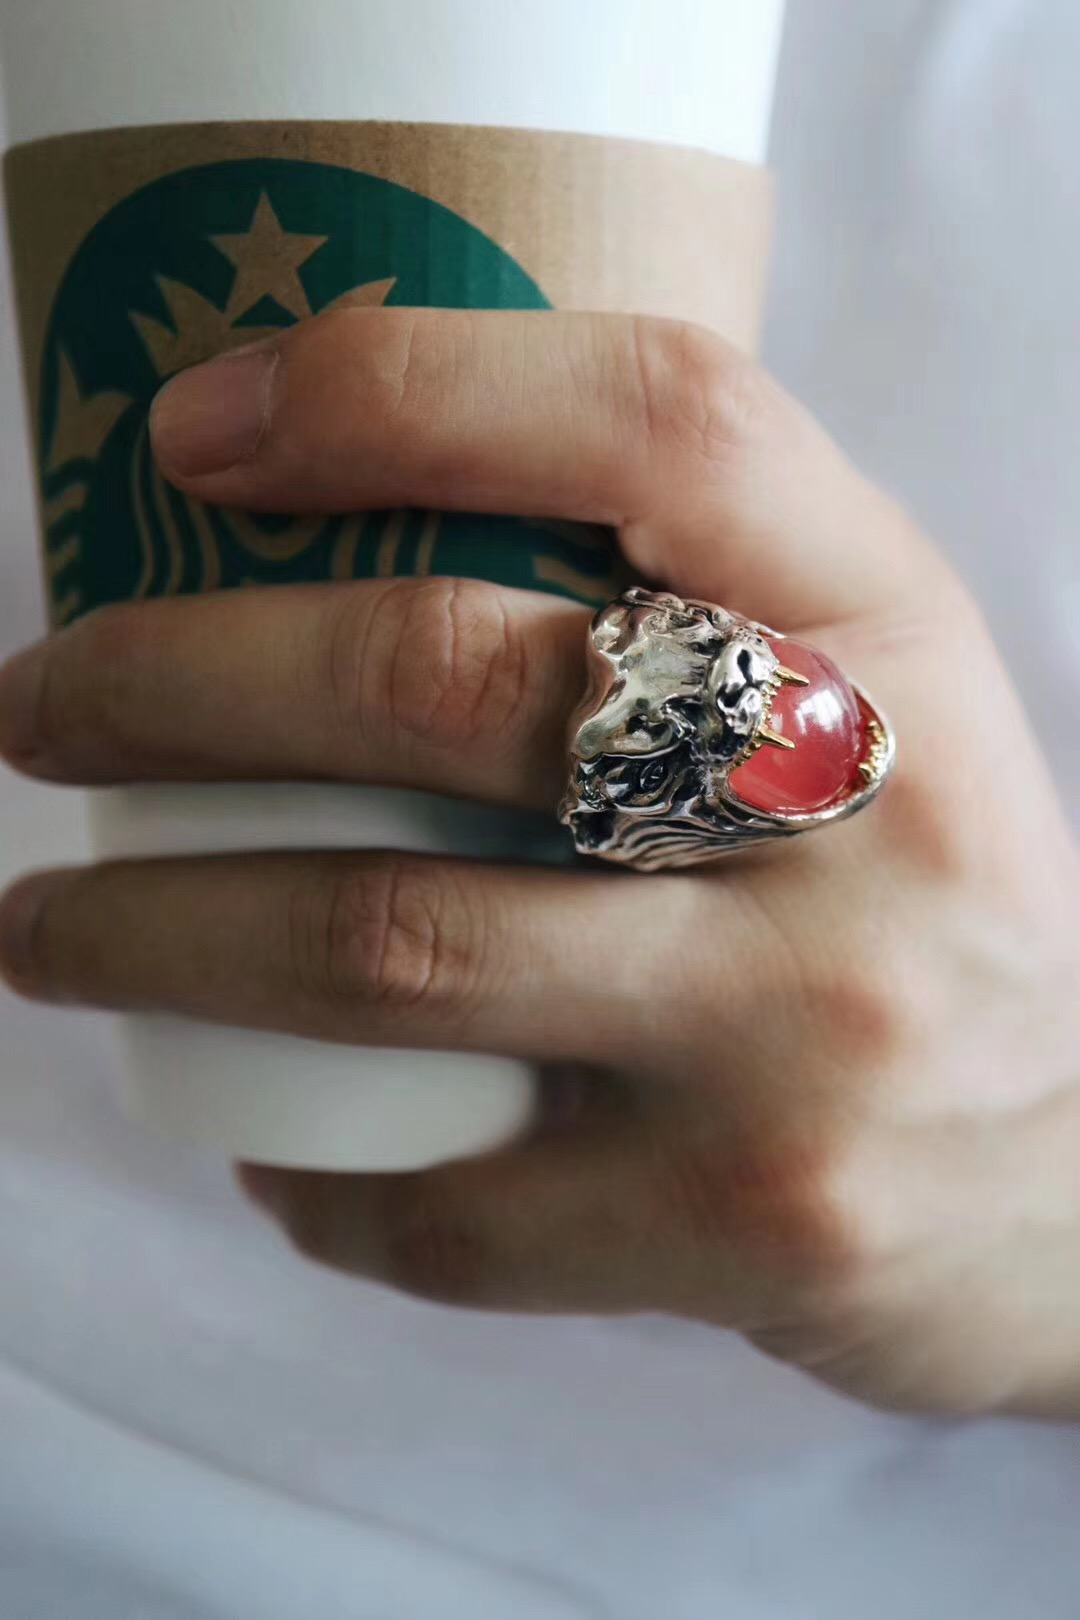 【菩心-高订红纹石戒】来自指间淡淡的温柔-菩心晶舍